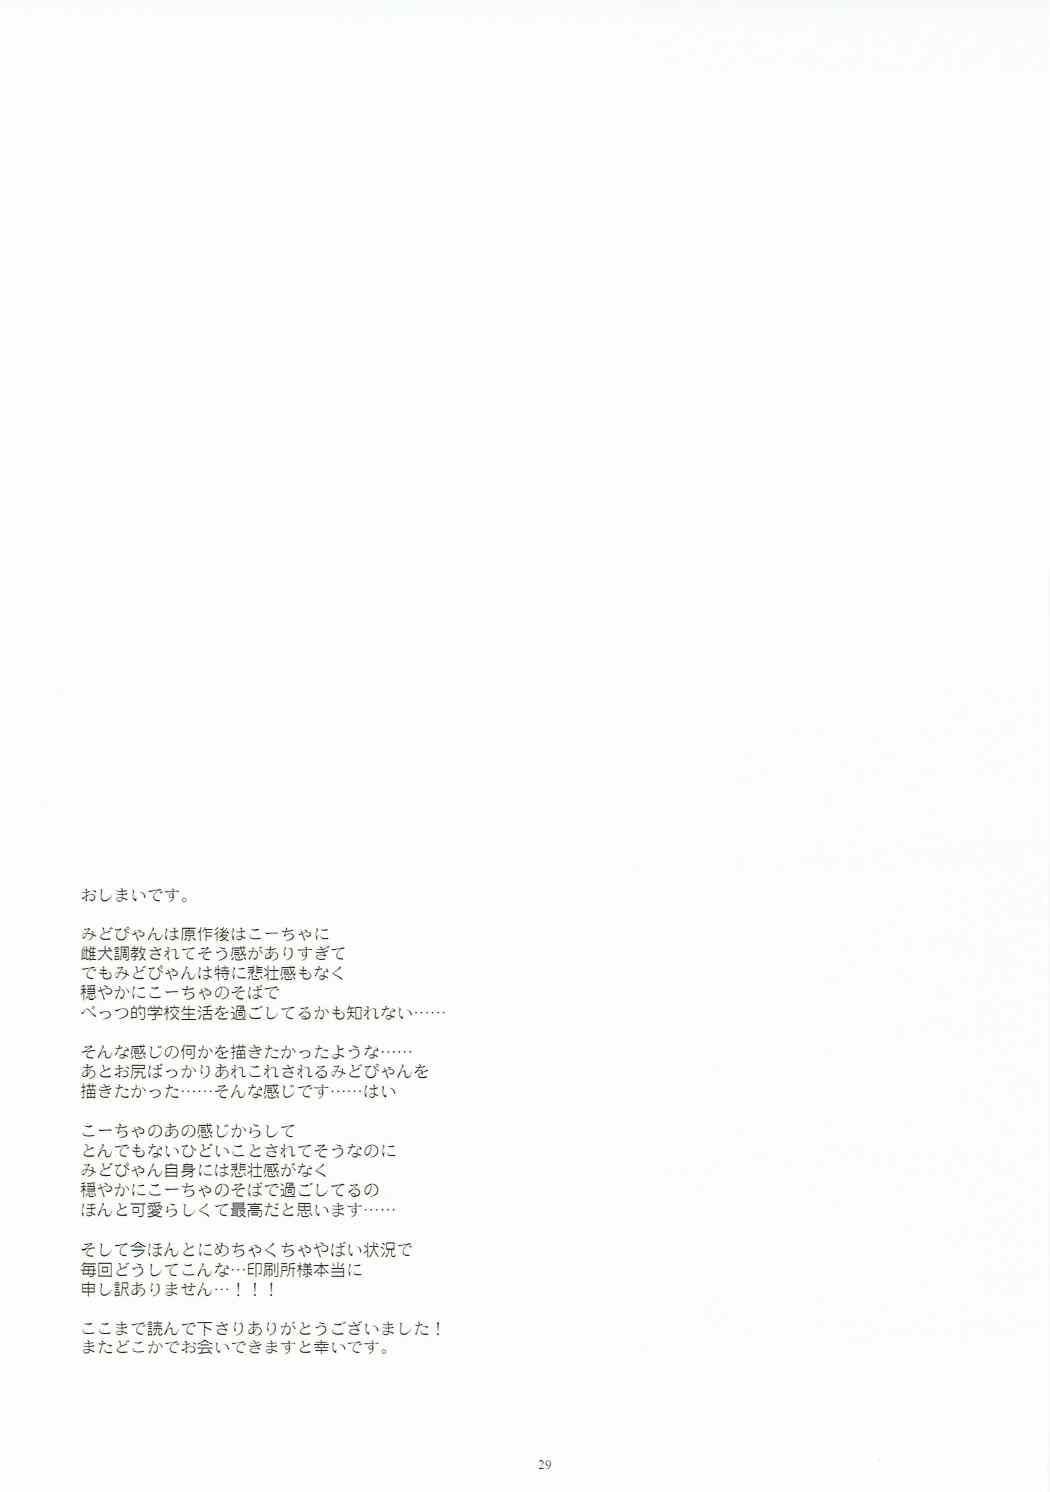 Inu no Engi no Renshuu tte Damasarete Choukyou Sareru JS Ojou-sama Kawaisou 27